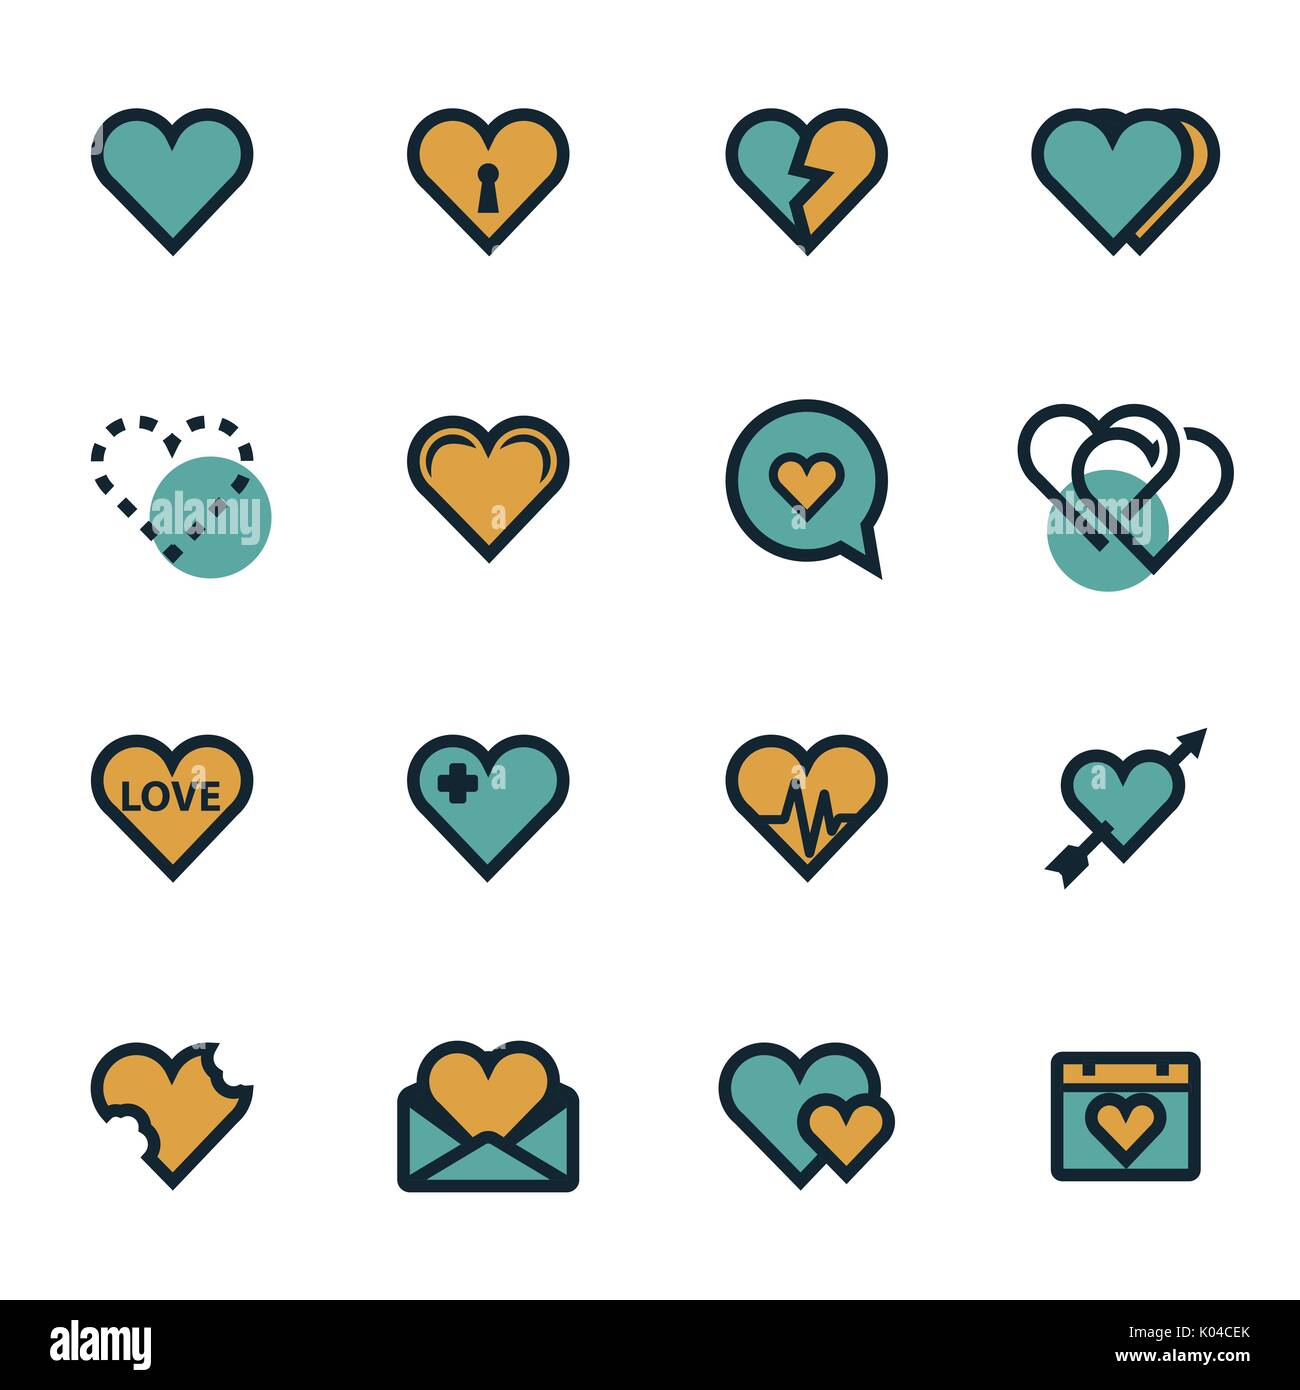 Vektor-Flaches Herz Icons set Stockbild